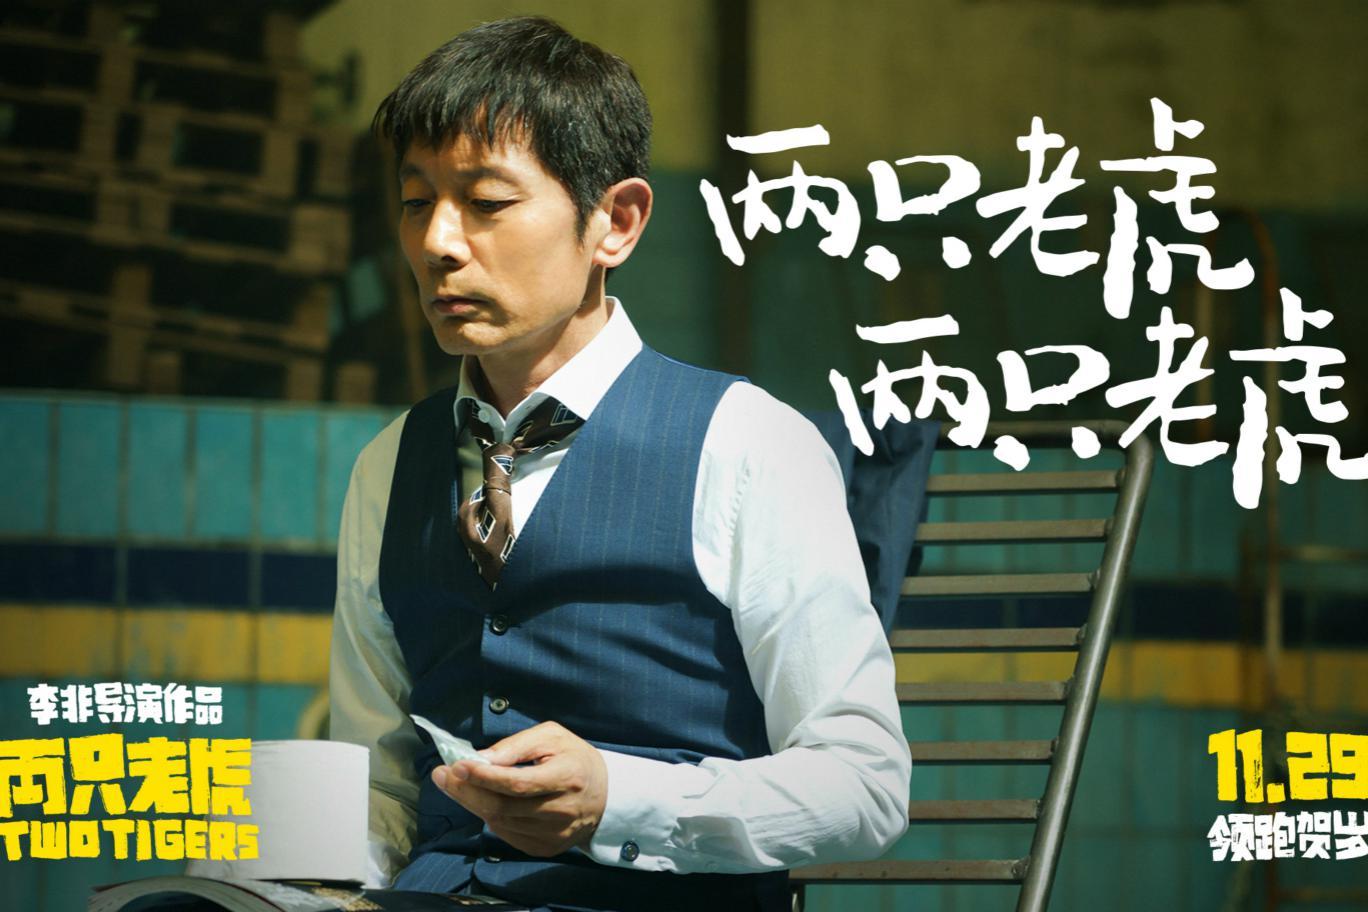 电影《两只老虎》经典旋律葛优惊喜演绎 11月29日贺岁领跑